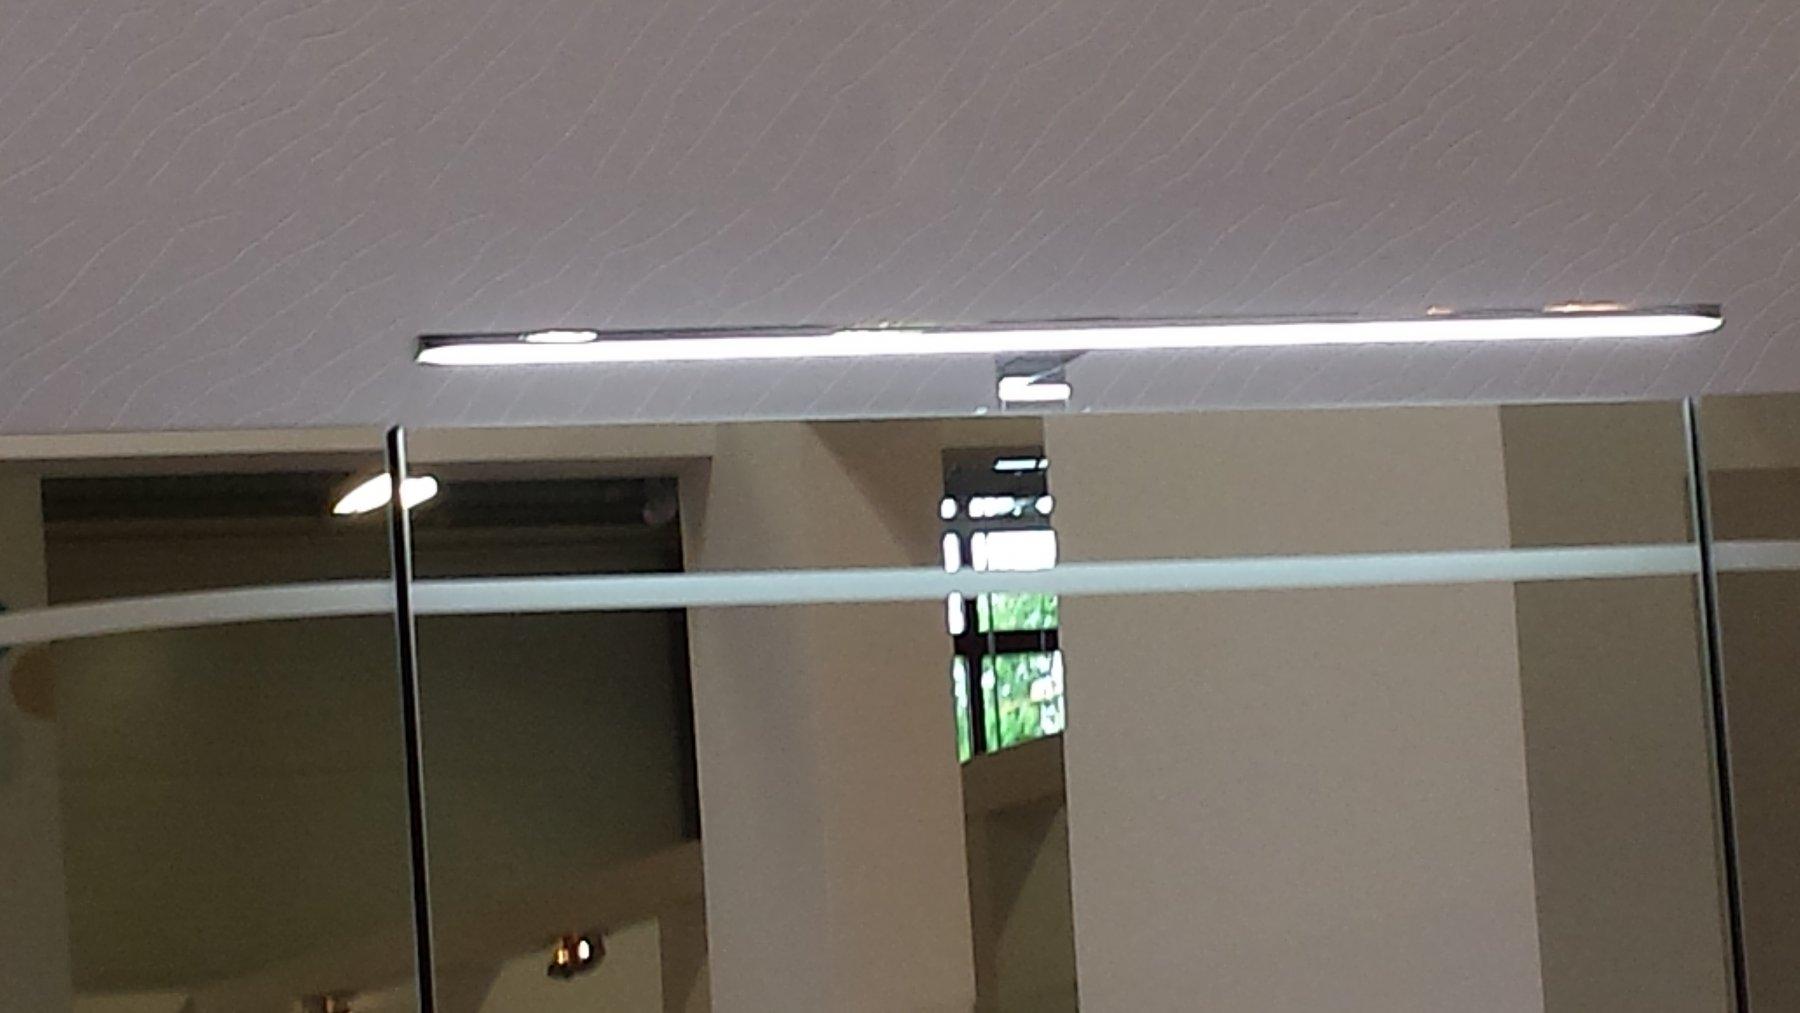 pelipal cassca spiegelschrank zusatzbeleuchtung z1 arcom center. Black Bedroom Furniture Sets. Home Design Ideas